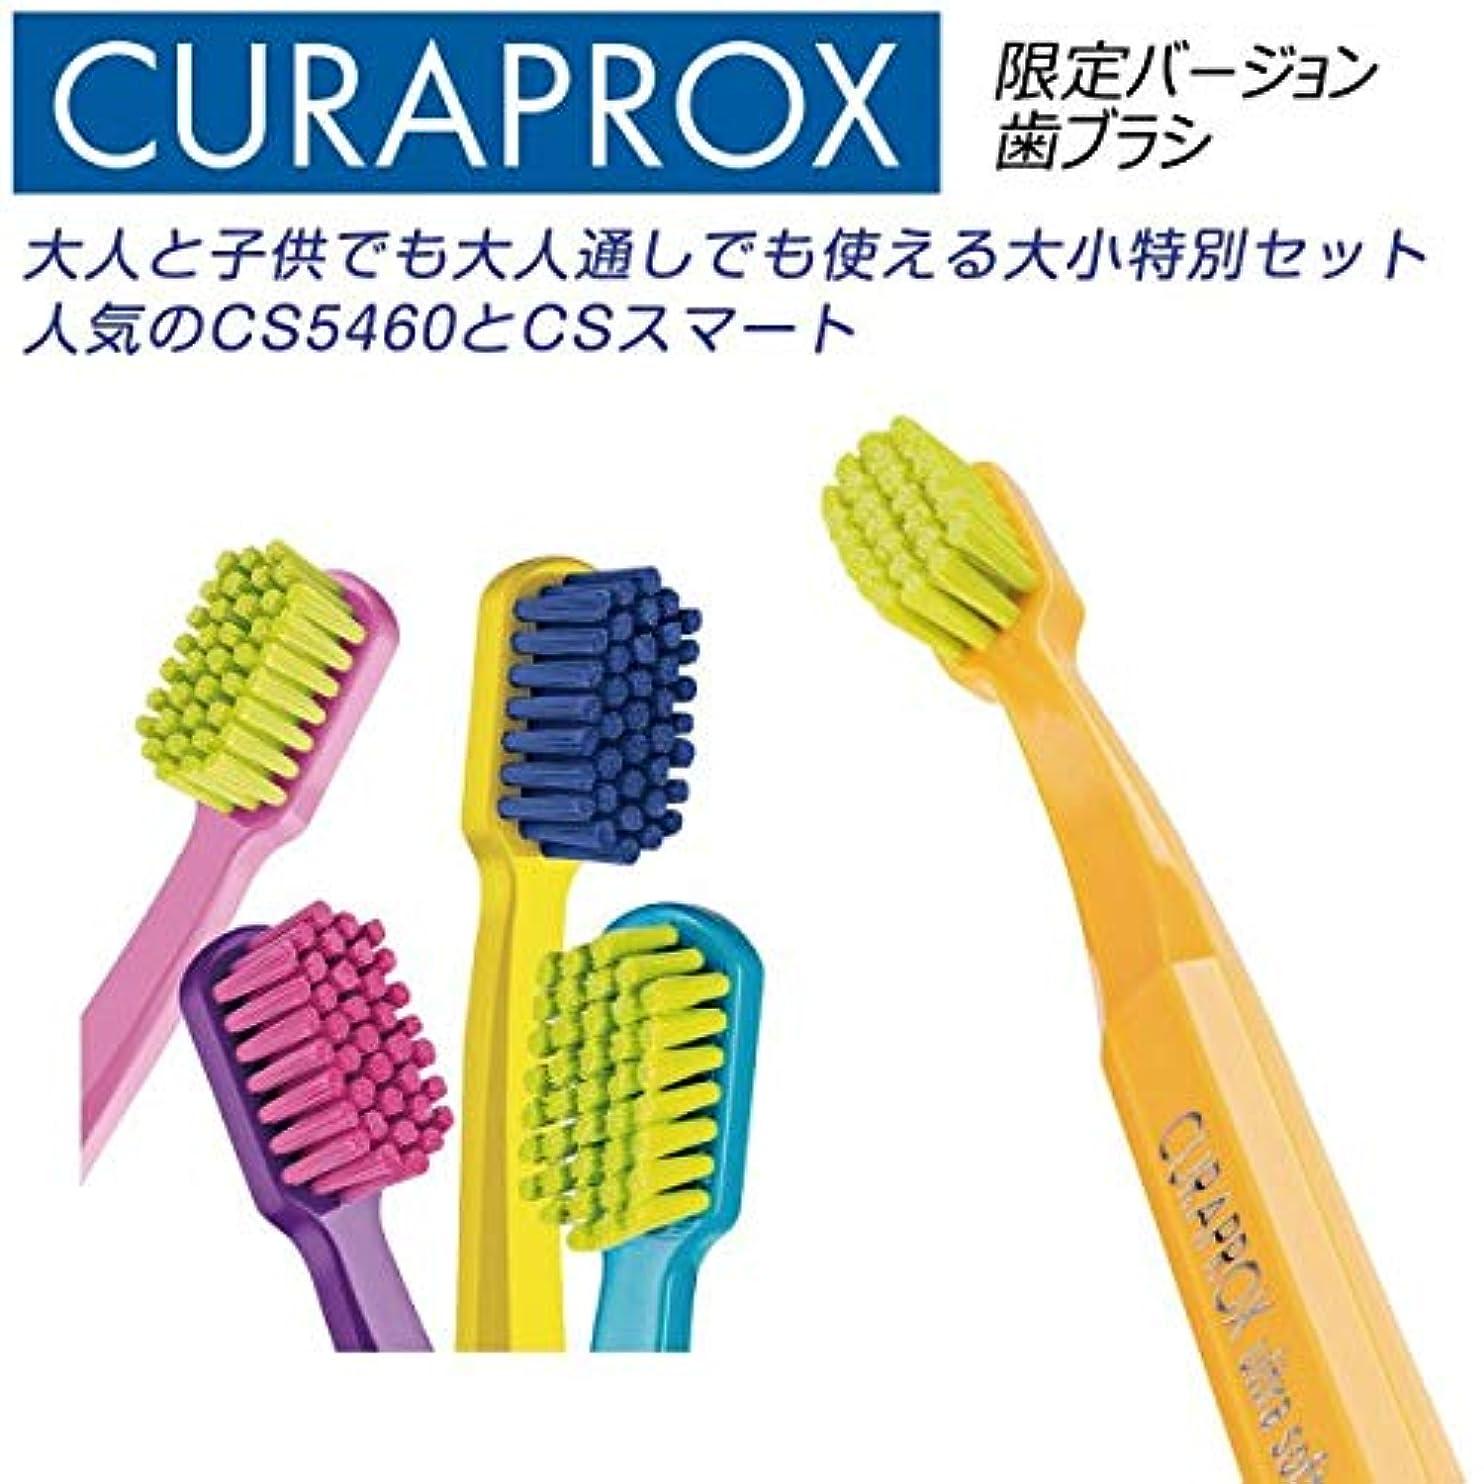 チップわかりやすい返済クラプロックス 歯ブラシ CS5460 ファミリーエディション黄緑+ピンク